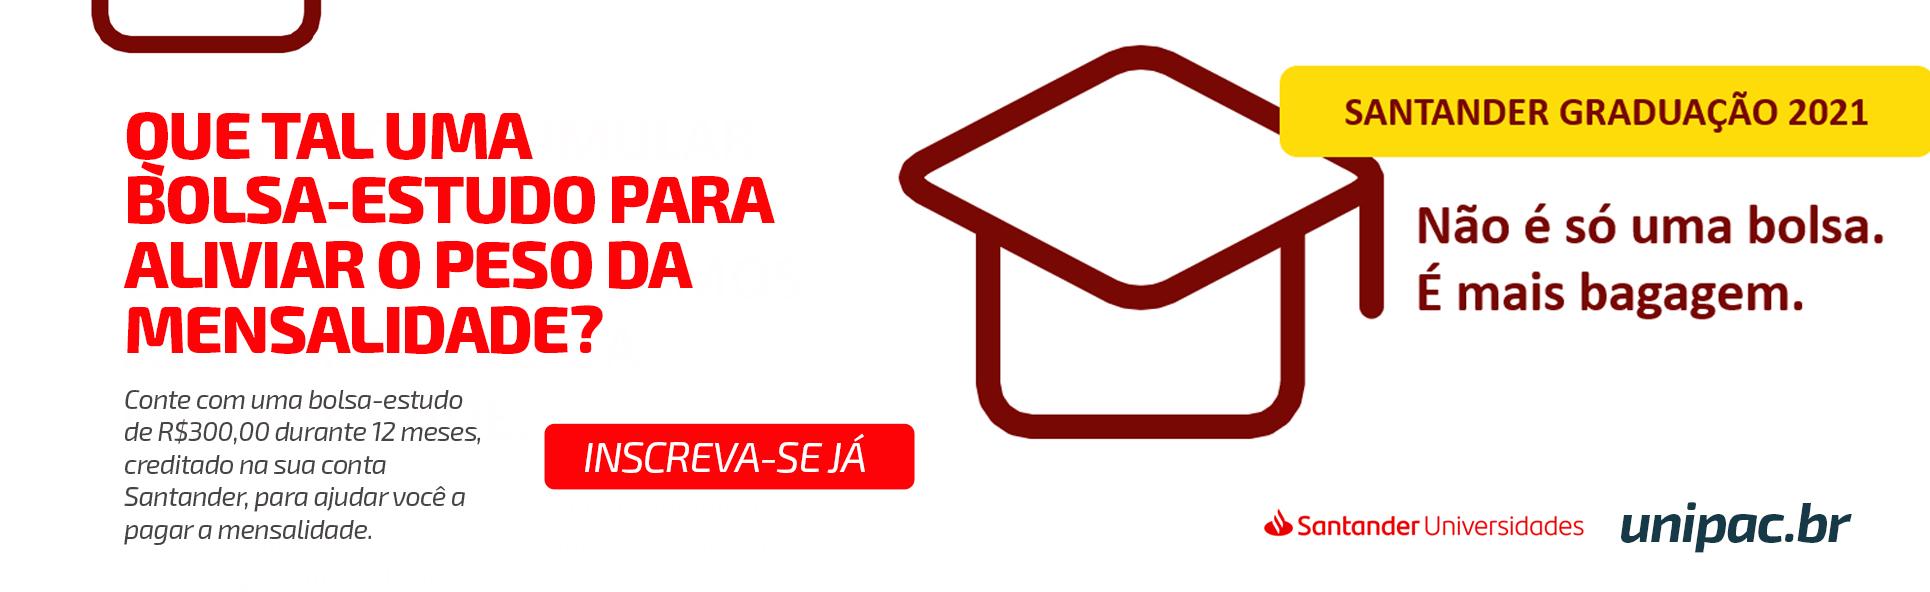 Bolsa Santander – 01/04/2021 – desktop